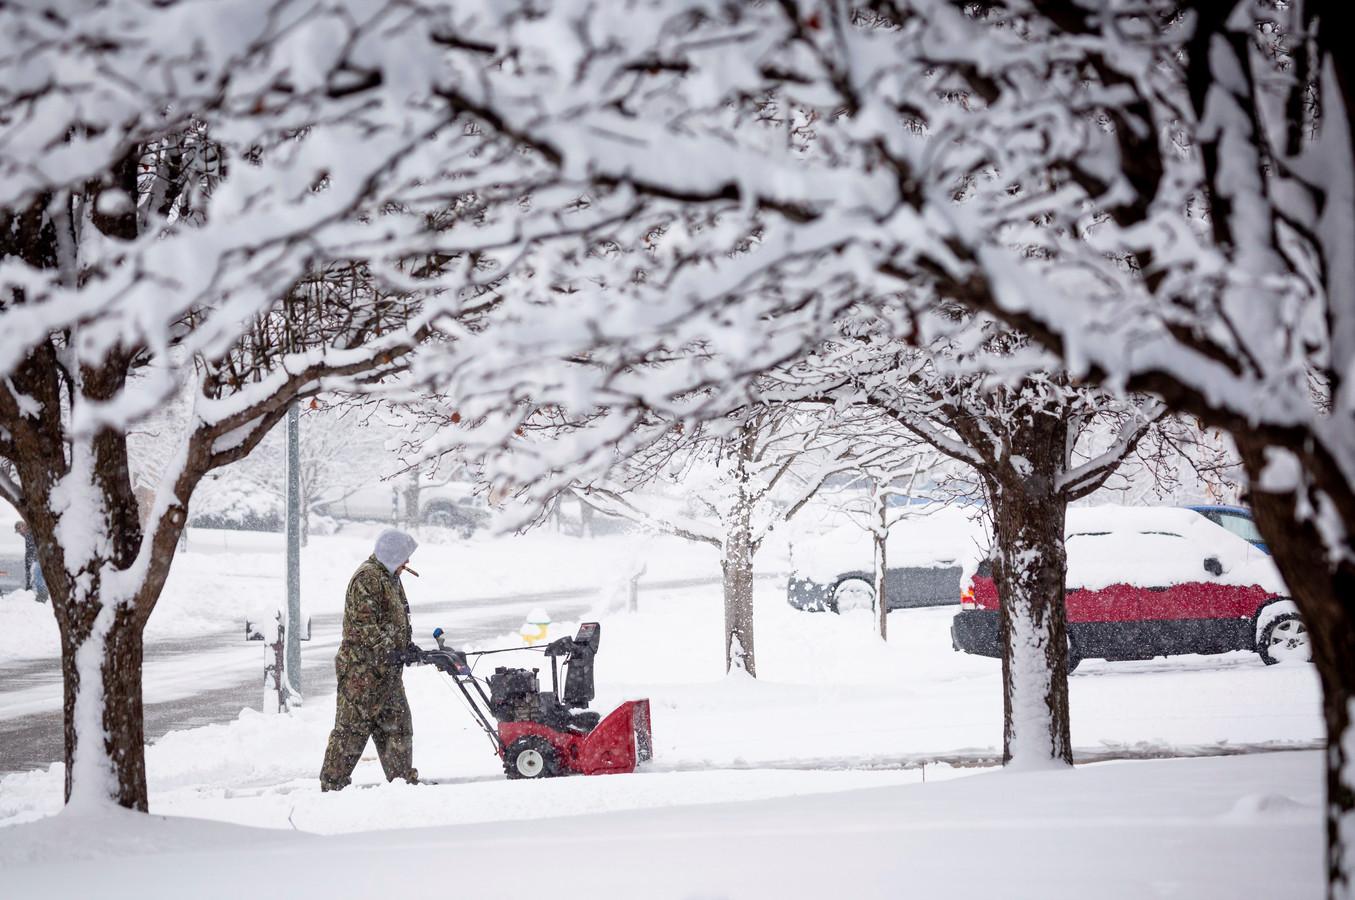 Door de enorme sneeuwval zijn de wegen in het midden van de Verenigde Staten onveilig geworden.